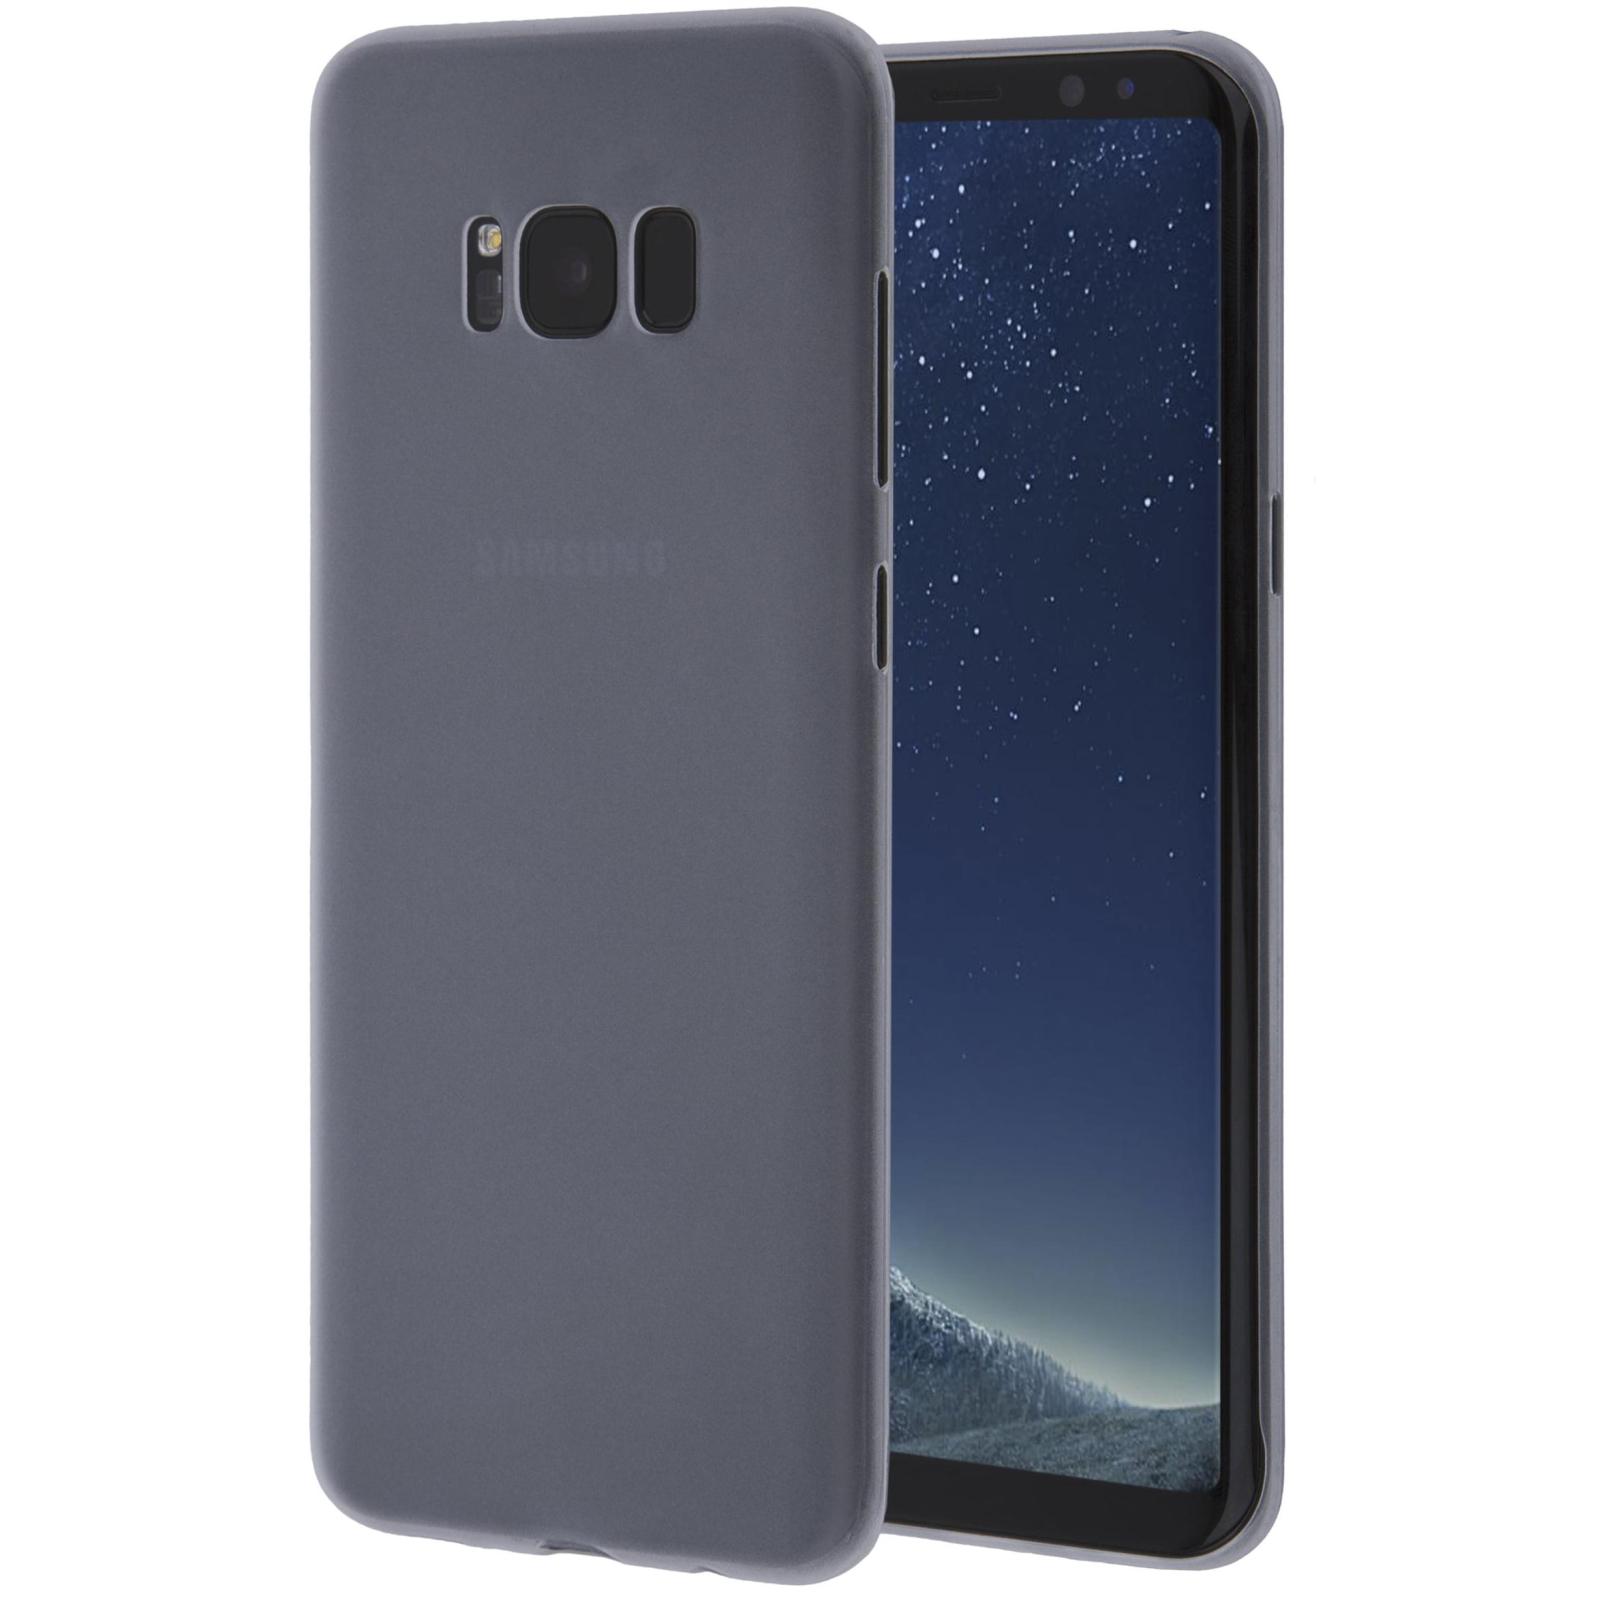 Чехол для моб. телефона MakeFuture PP/Ice Case для Samsung S8 Plus Grey (MCI-SS8PGR) изображение 2